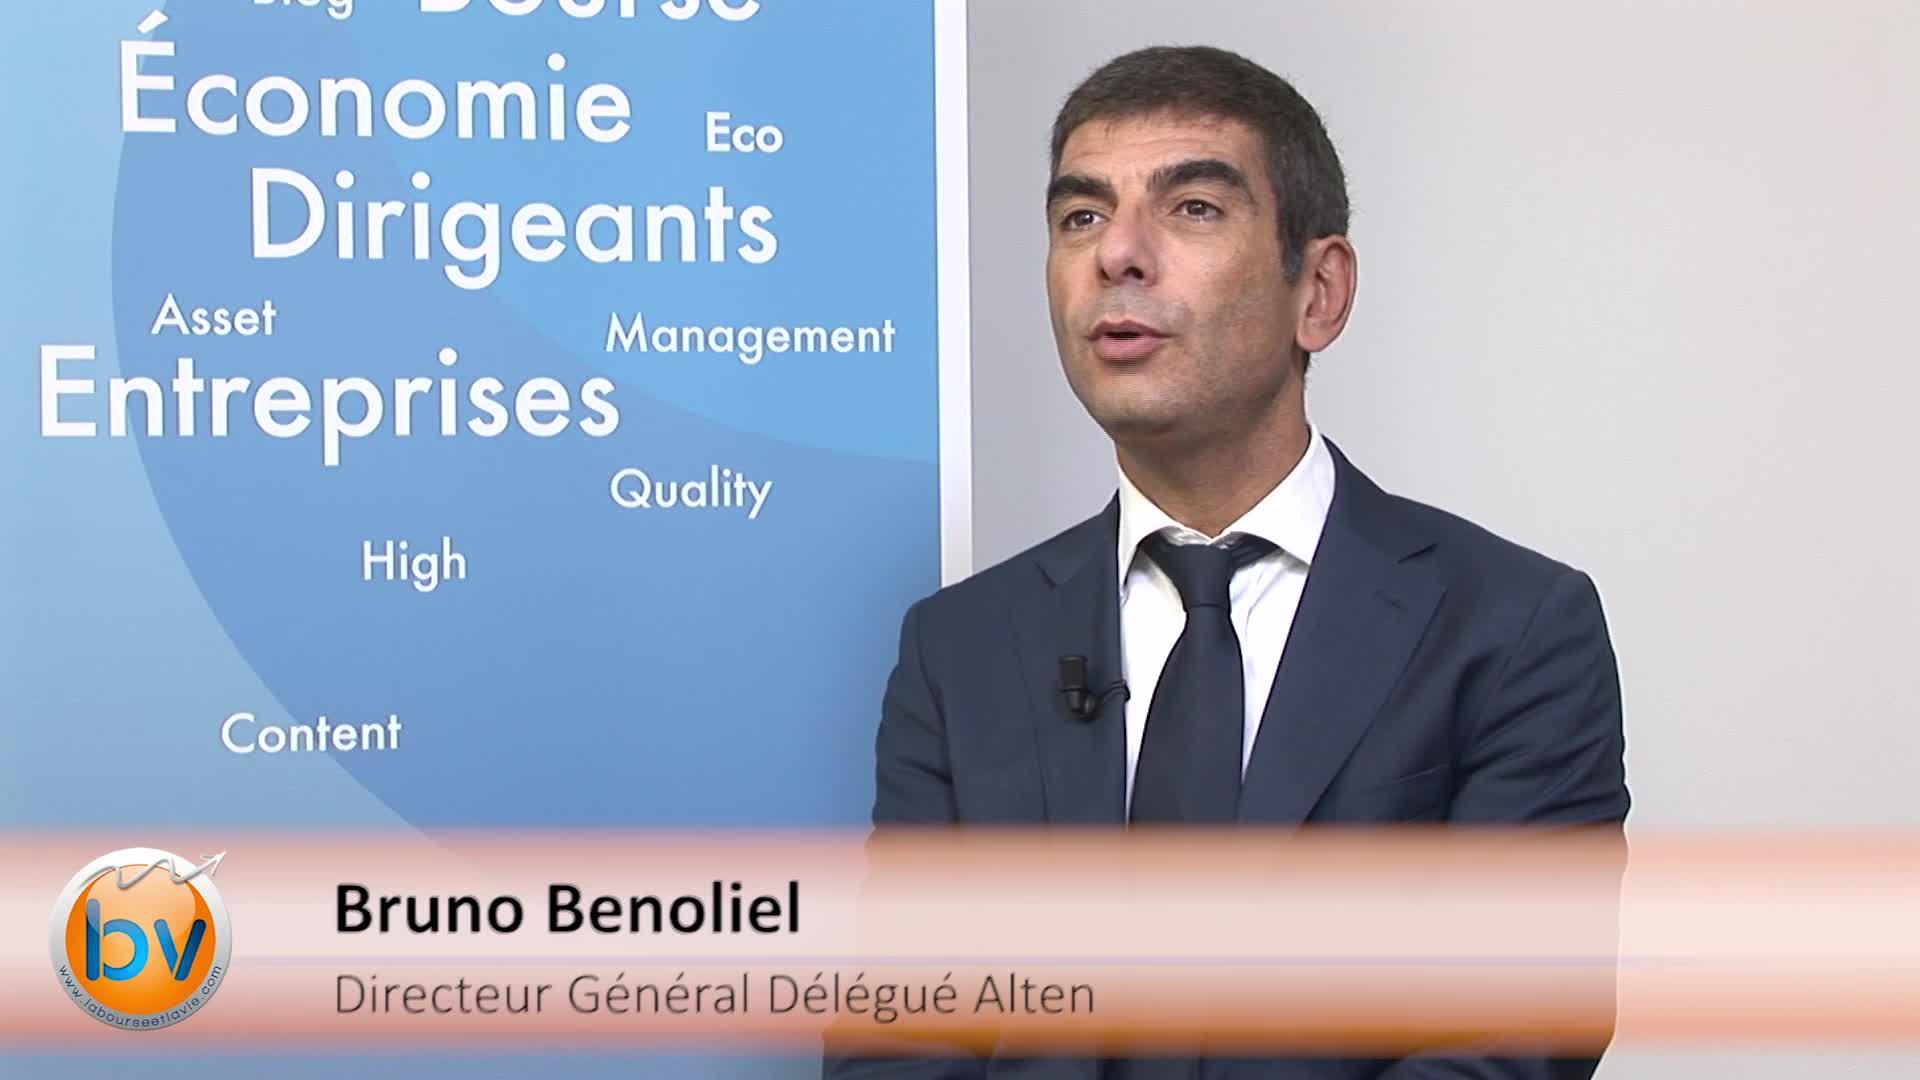 Bruno Benoliel Directeur Général Délégué Alten : «Nous souhaitons avoir la taille critique sur les marchés importants»